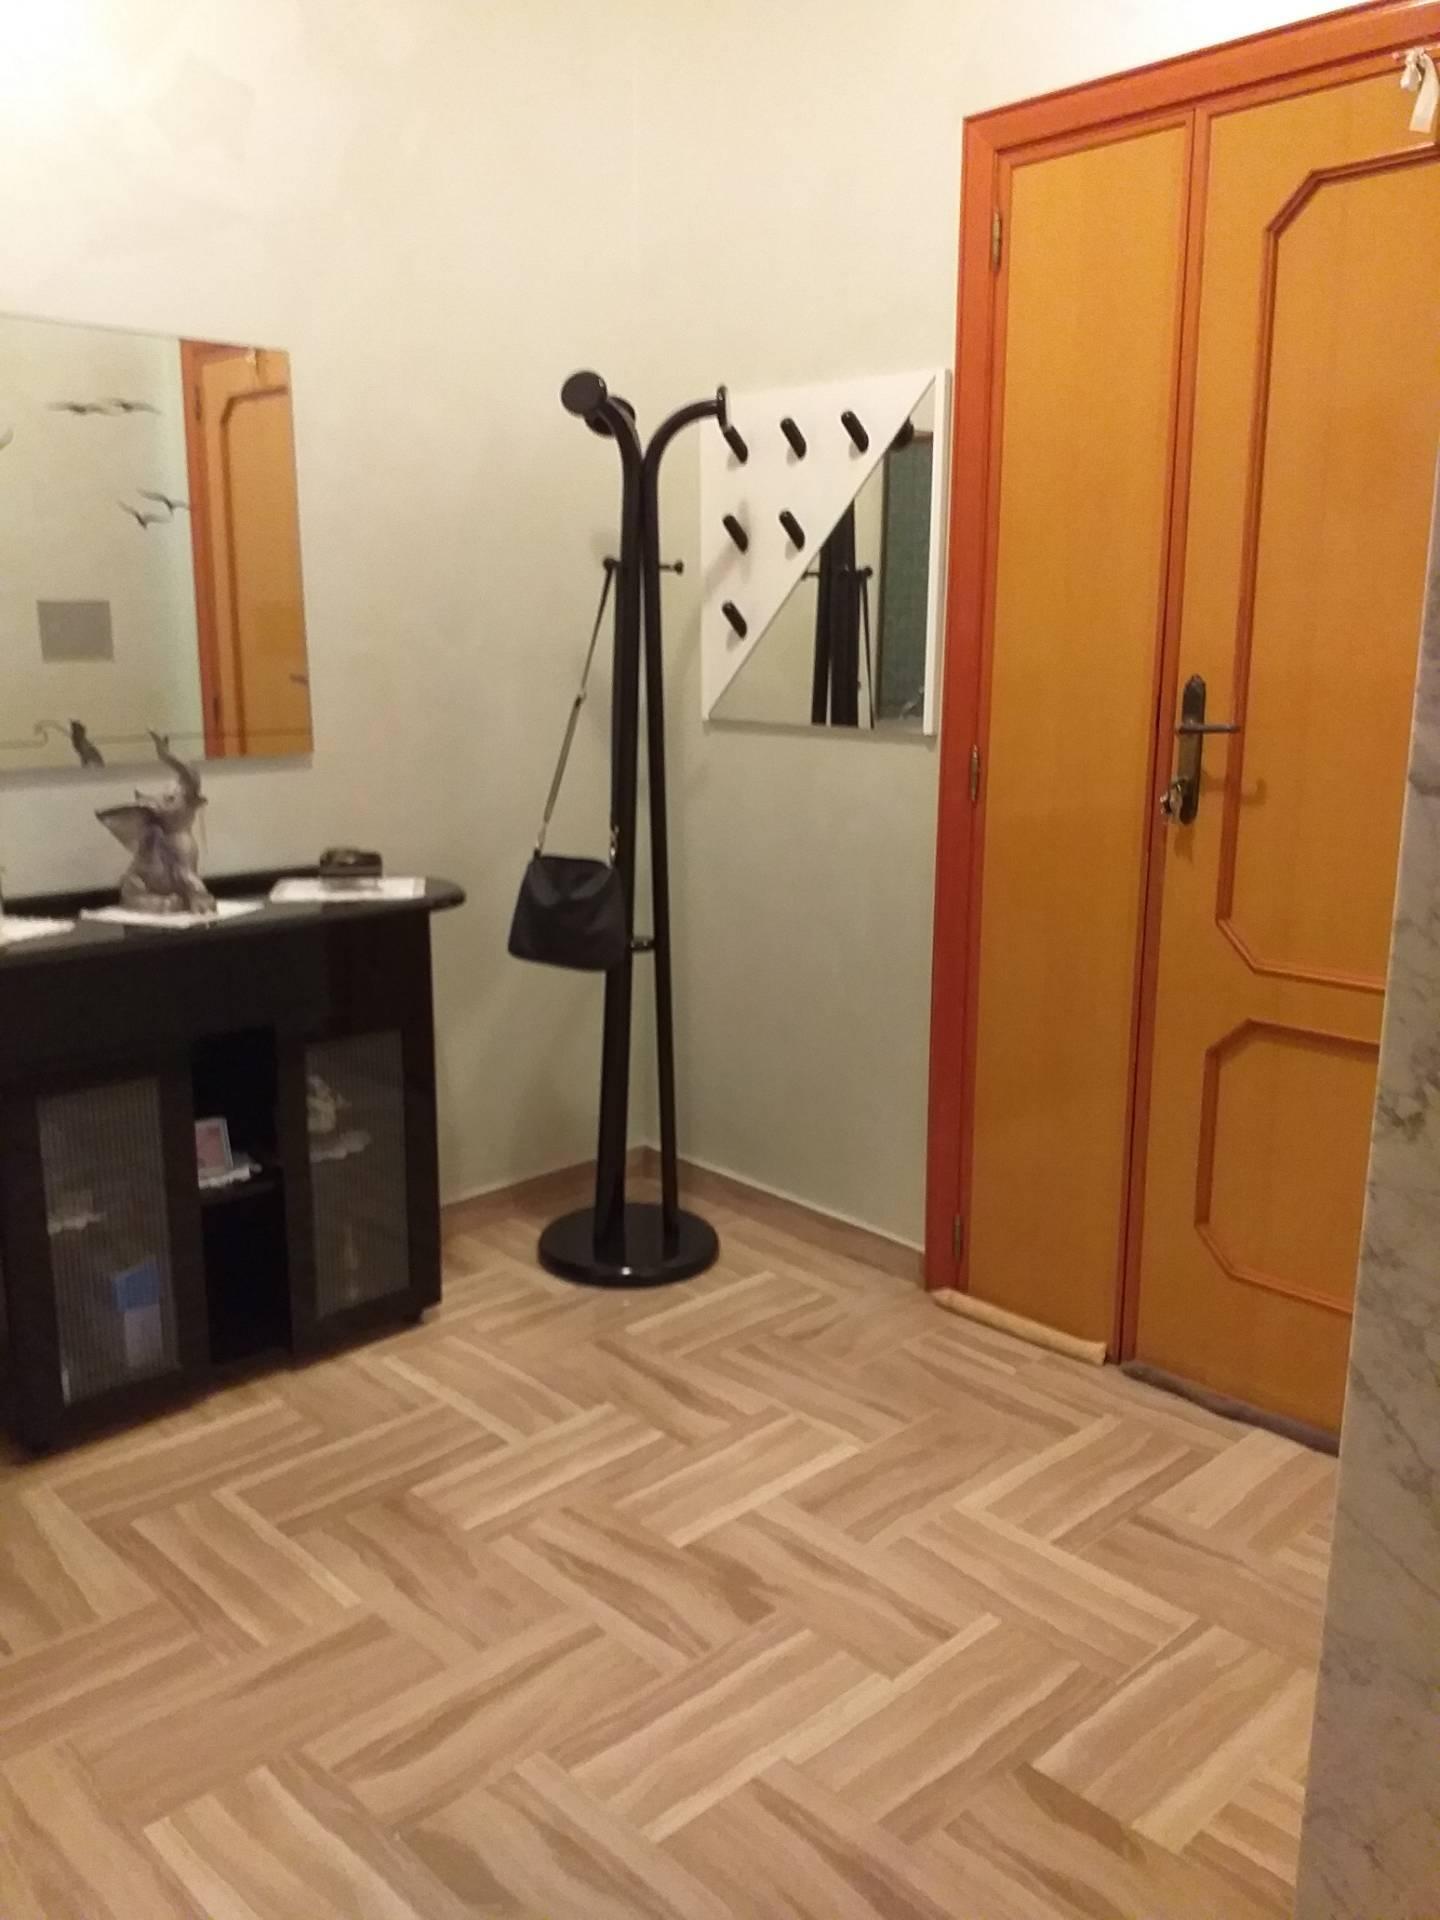 Appartamento in vendita a San Nicandro Garganico, 3 locali, zona Località: STAZIONE, prezzo € 85.000   CambioCasa.it